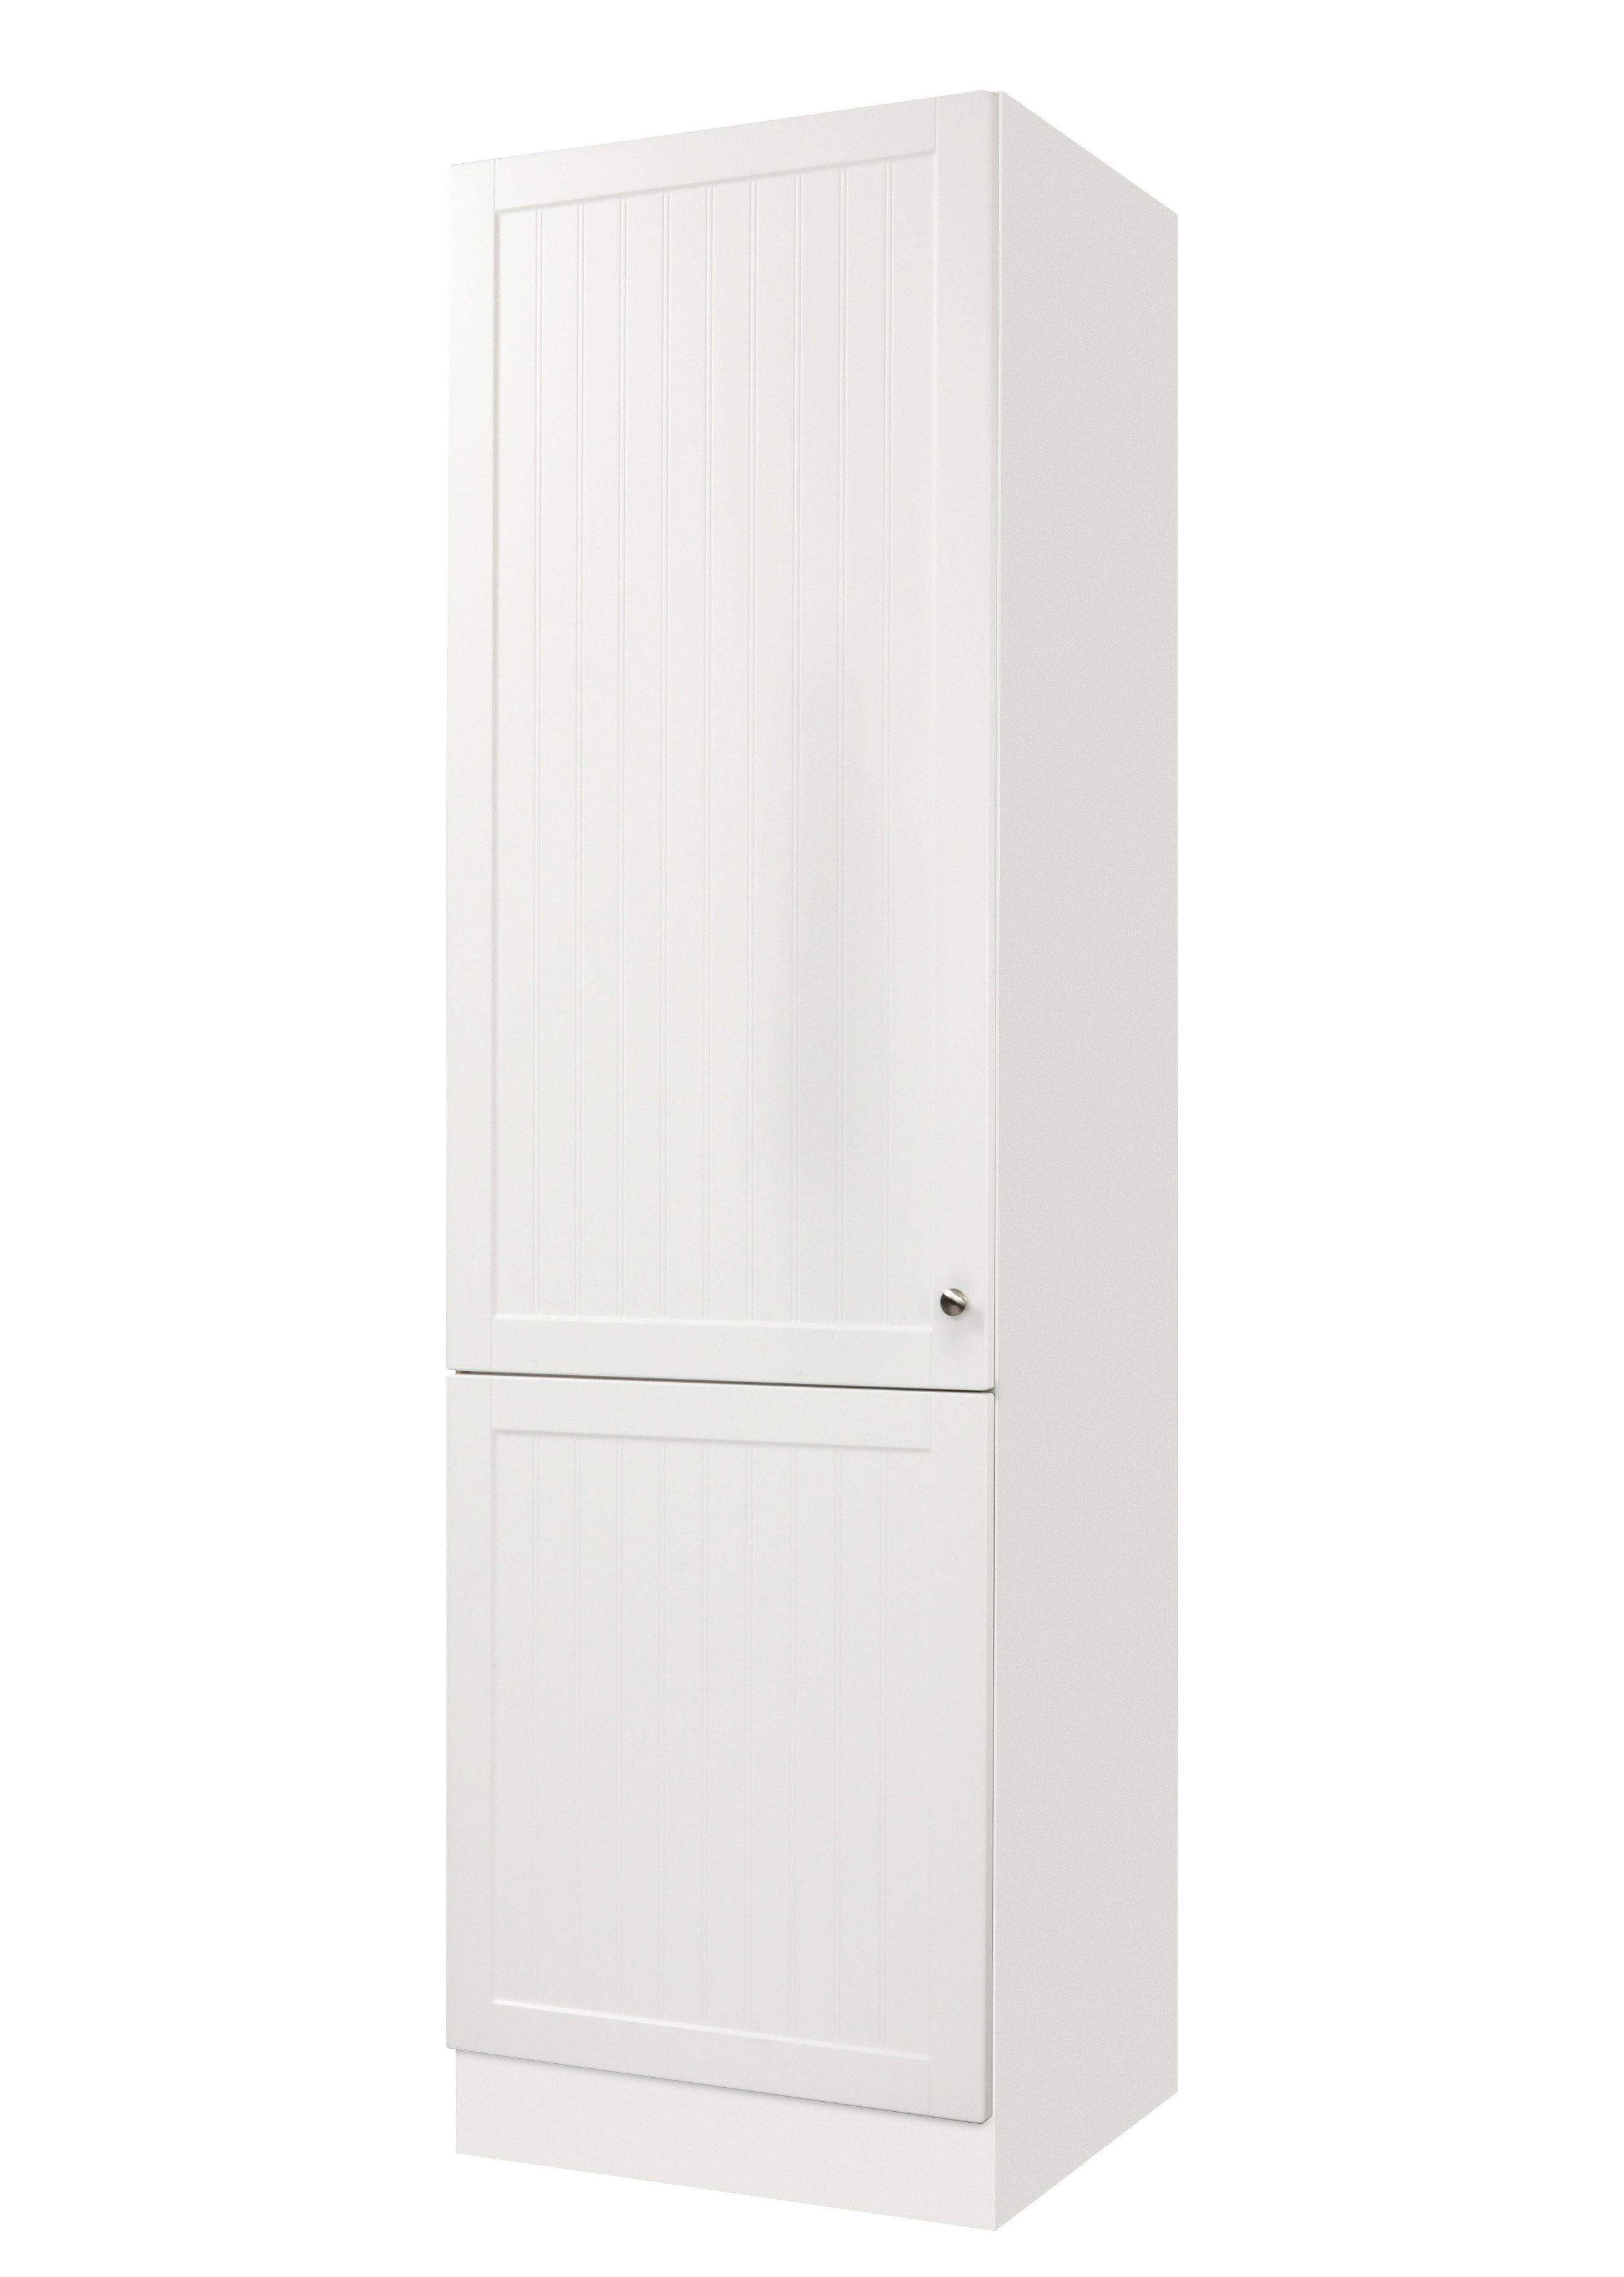 Optifit Vorratsschrank »Bornholm«, Breite 60 cm